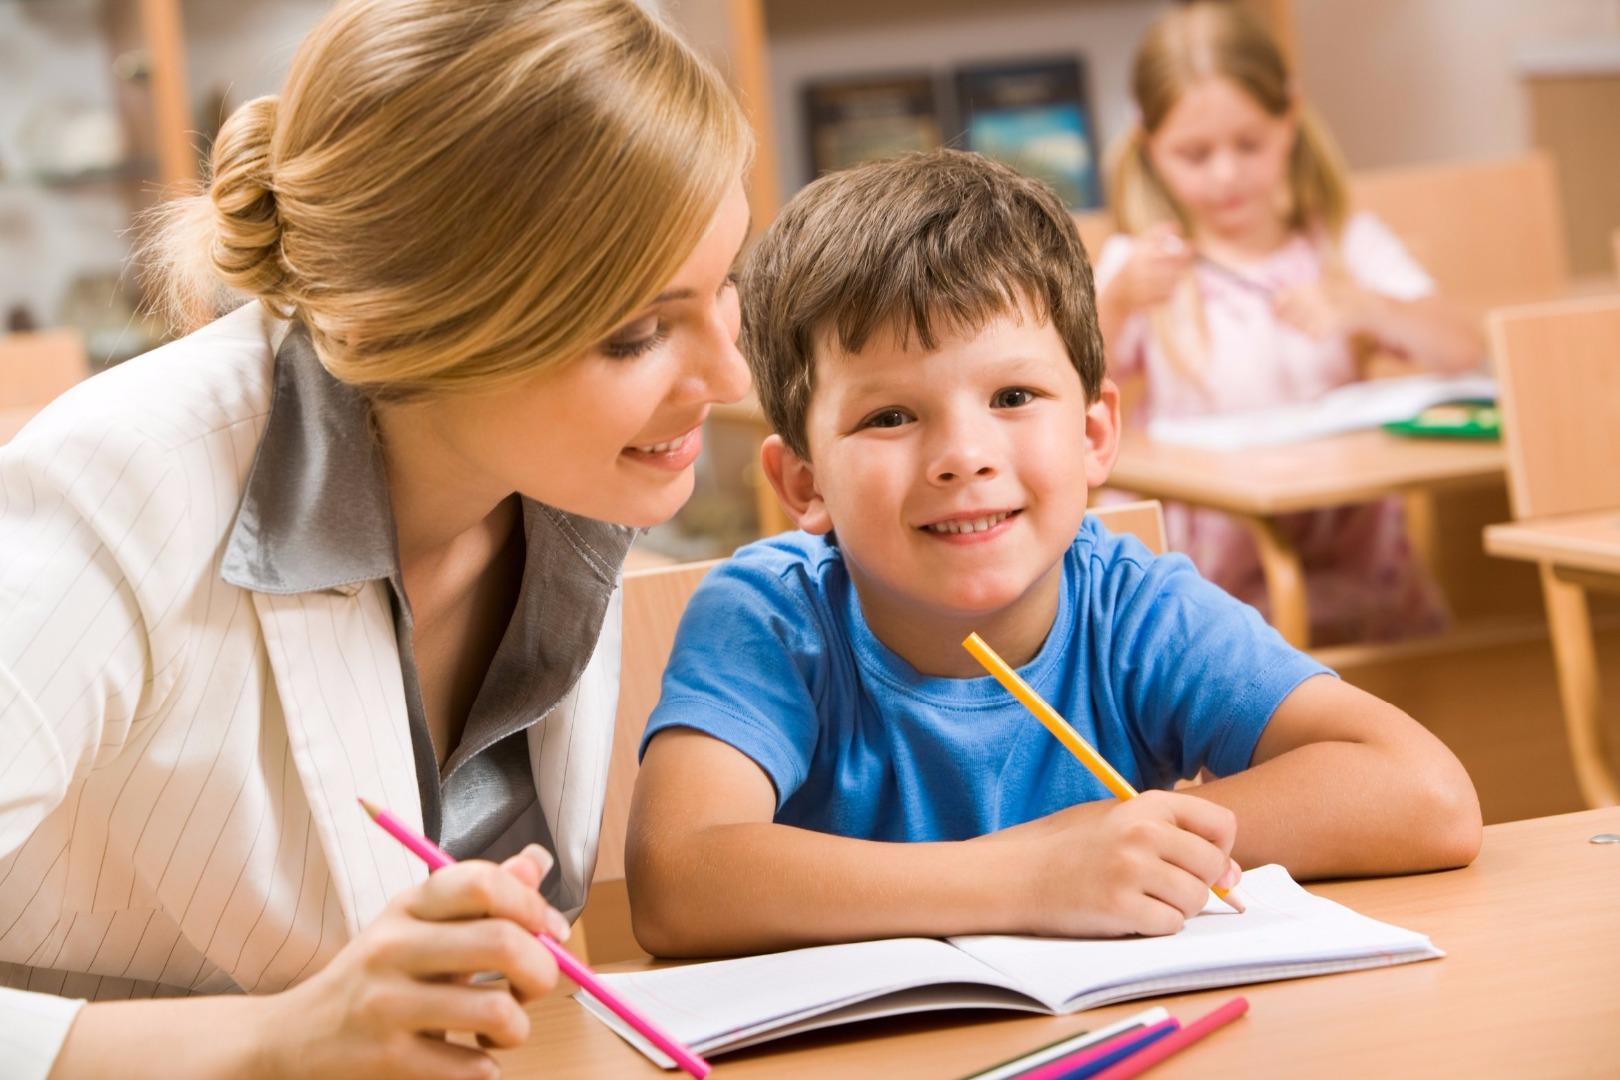 даже картинки про школу и учеников и учителей проявляются материалы разного